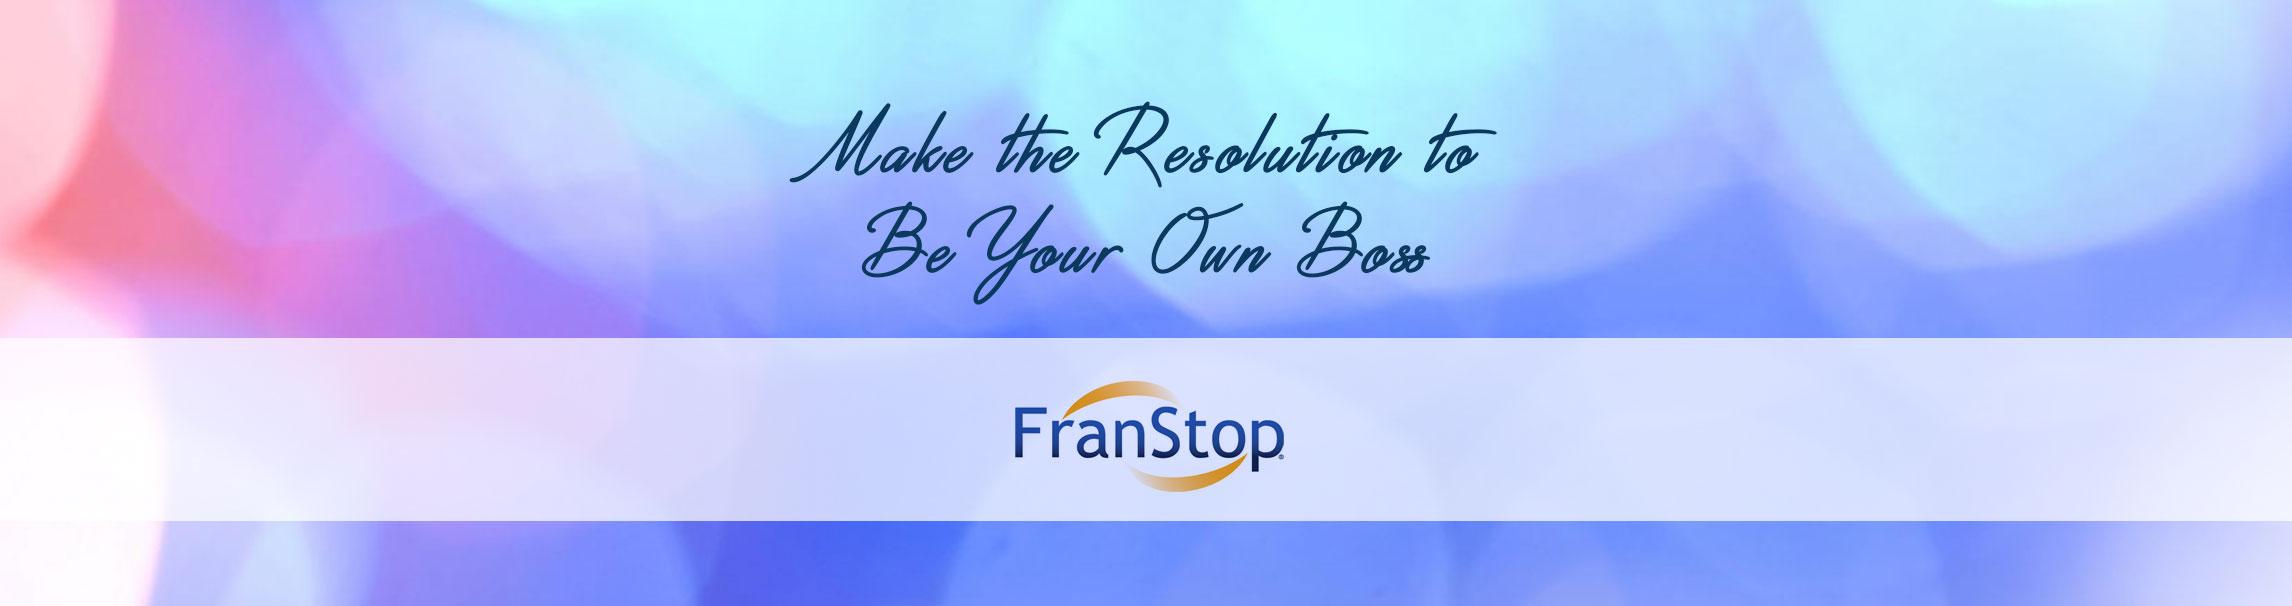 Franchising_Franchise_FranStop_Be_Your_Own_Boss_Buy_Franchising_Financing_FranStop